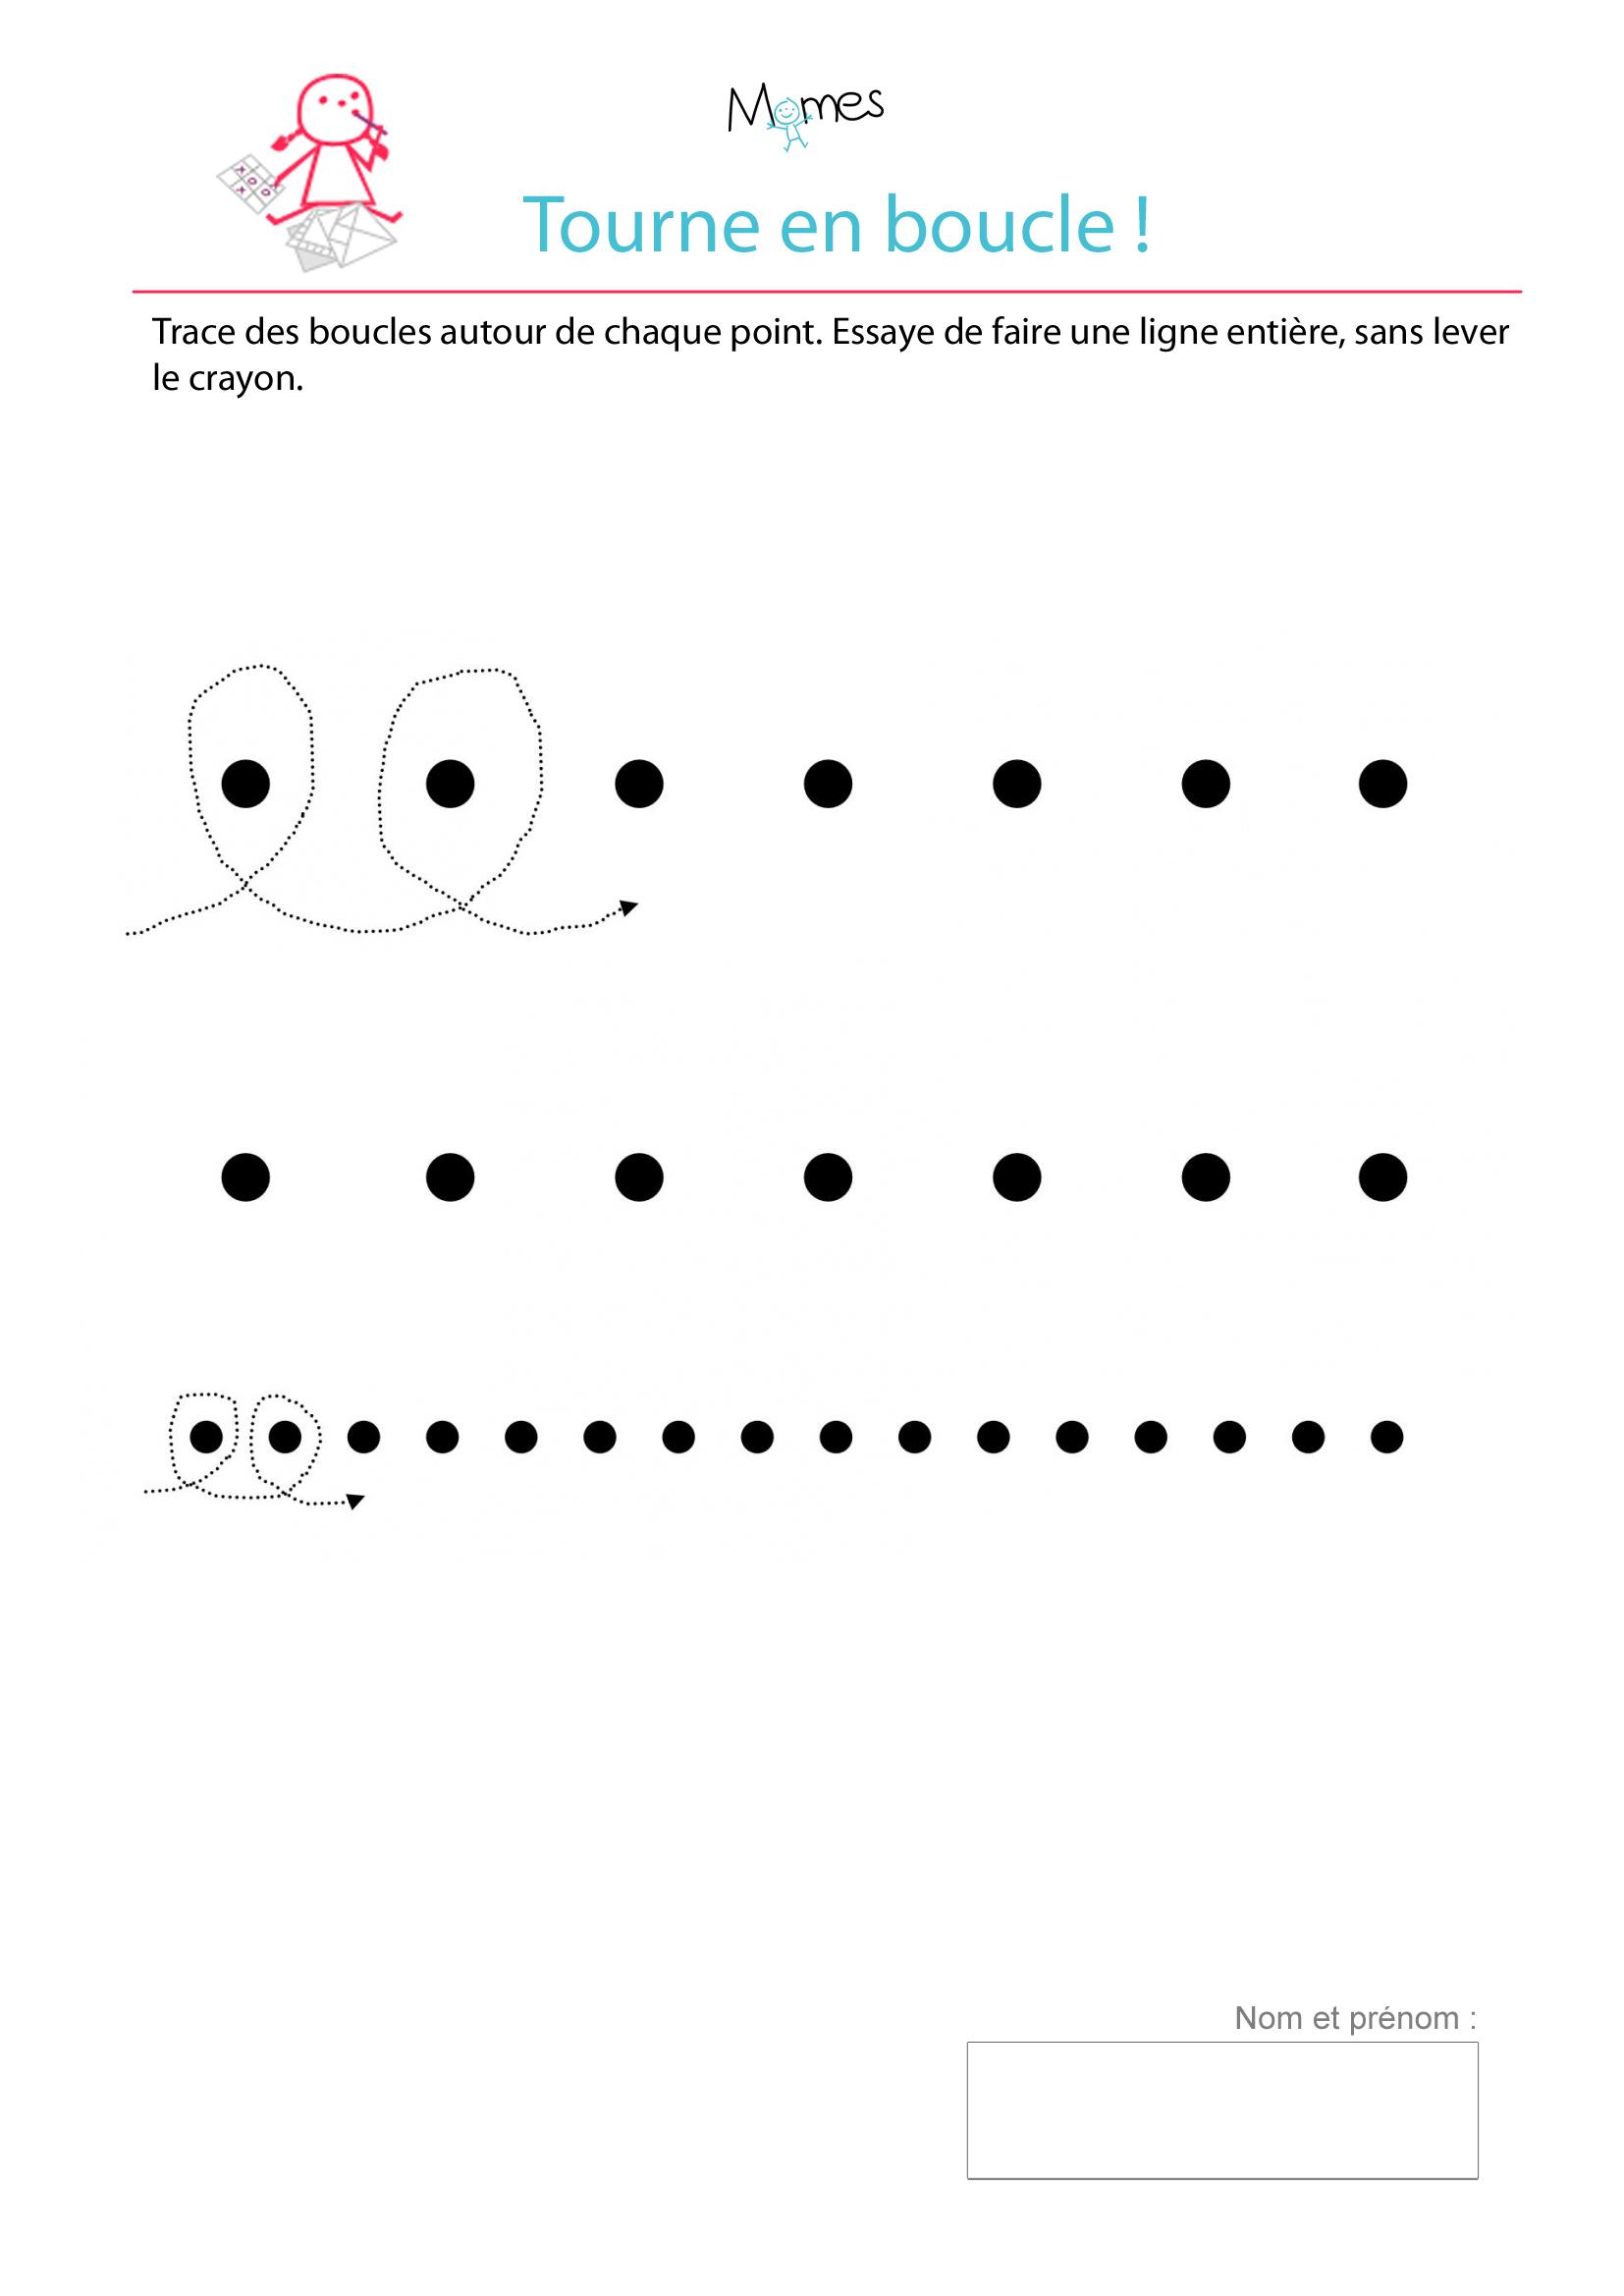 Exercice d'écriture : tracer des boucles autour de points